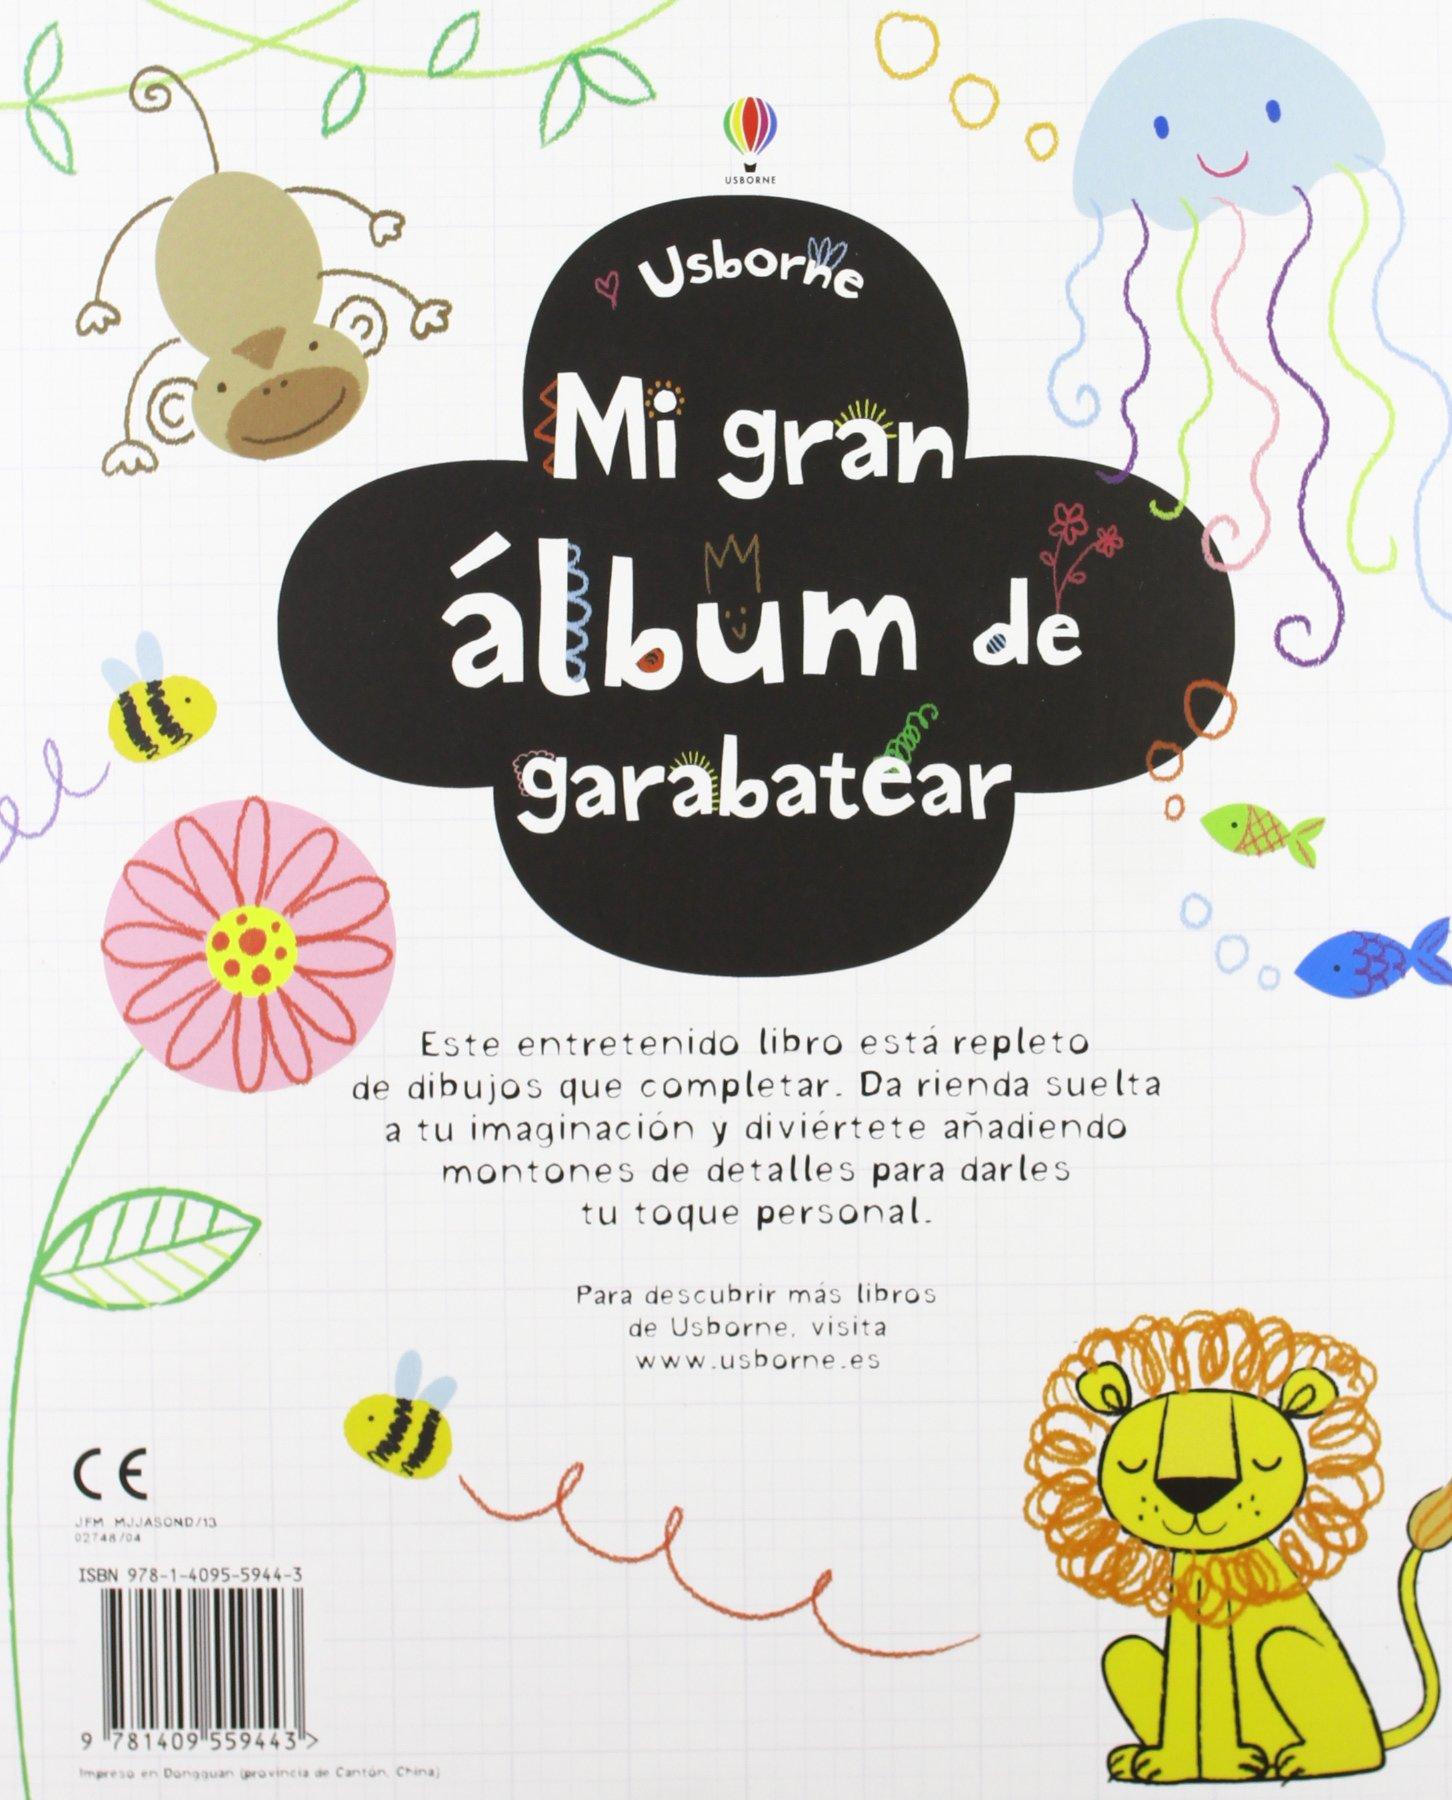 Mi Gran Albúm De Garabatear: Amazon.es: Vv.Aa.: Libros